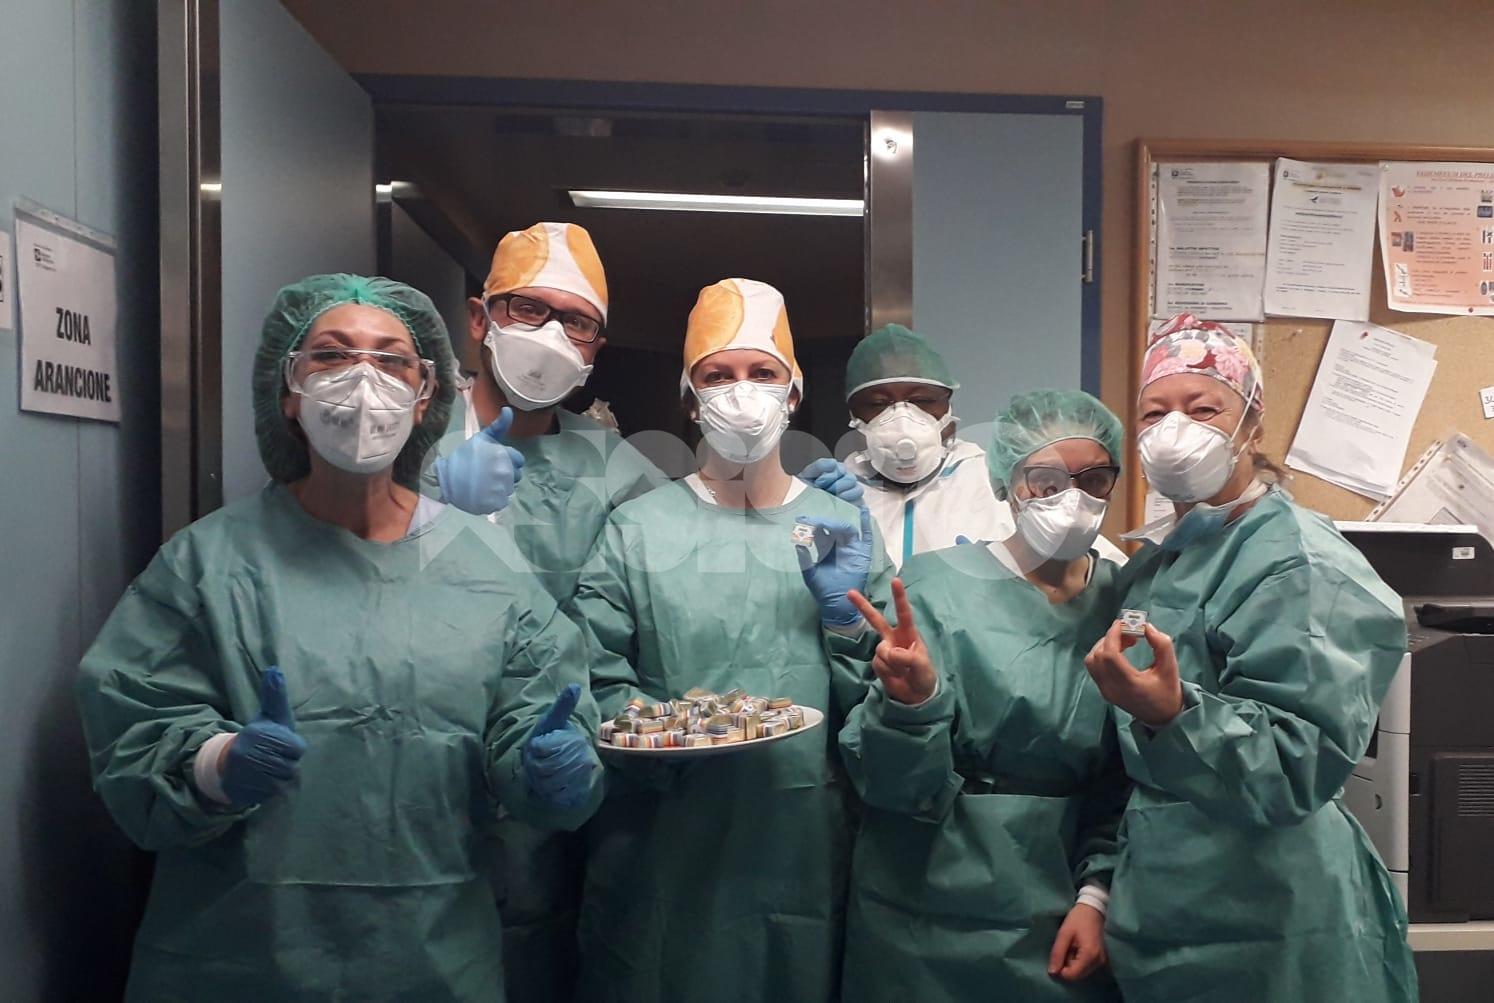 Alessio Finauro e Marco Pucci donano i cioccolatini del cuore a tre strutture ospedaliere della Lombardia